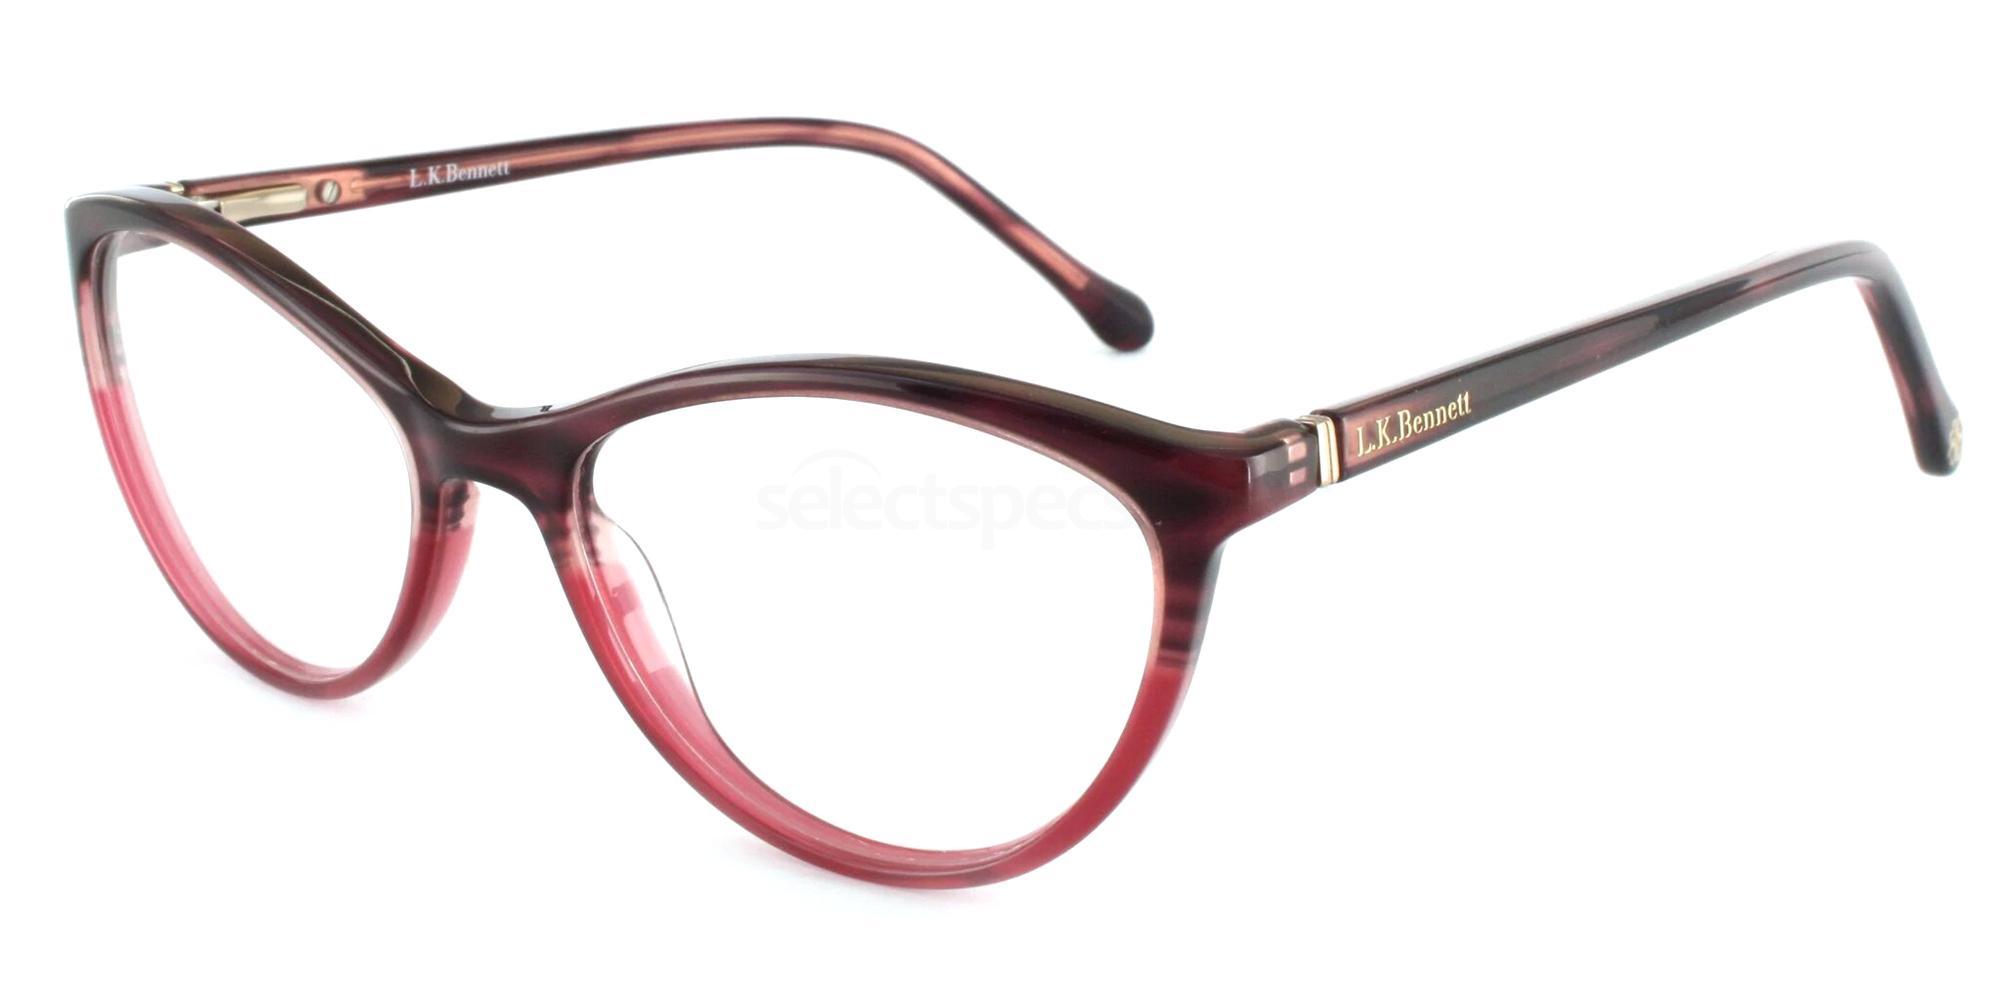 C.1 LKB013 Glasses, L.K.Bennett